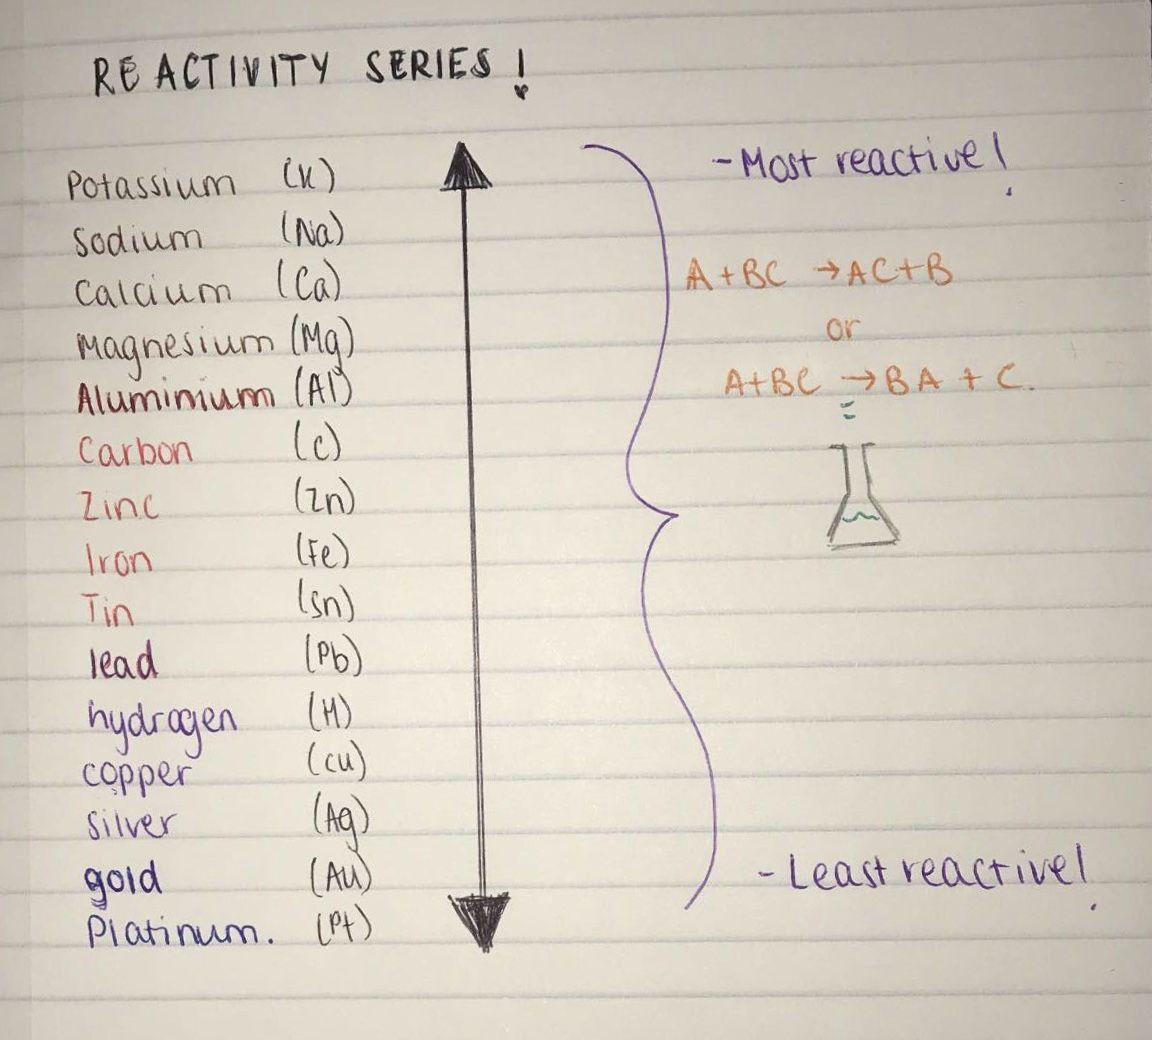 list of activity series of metals